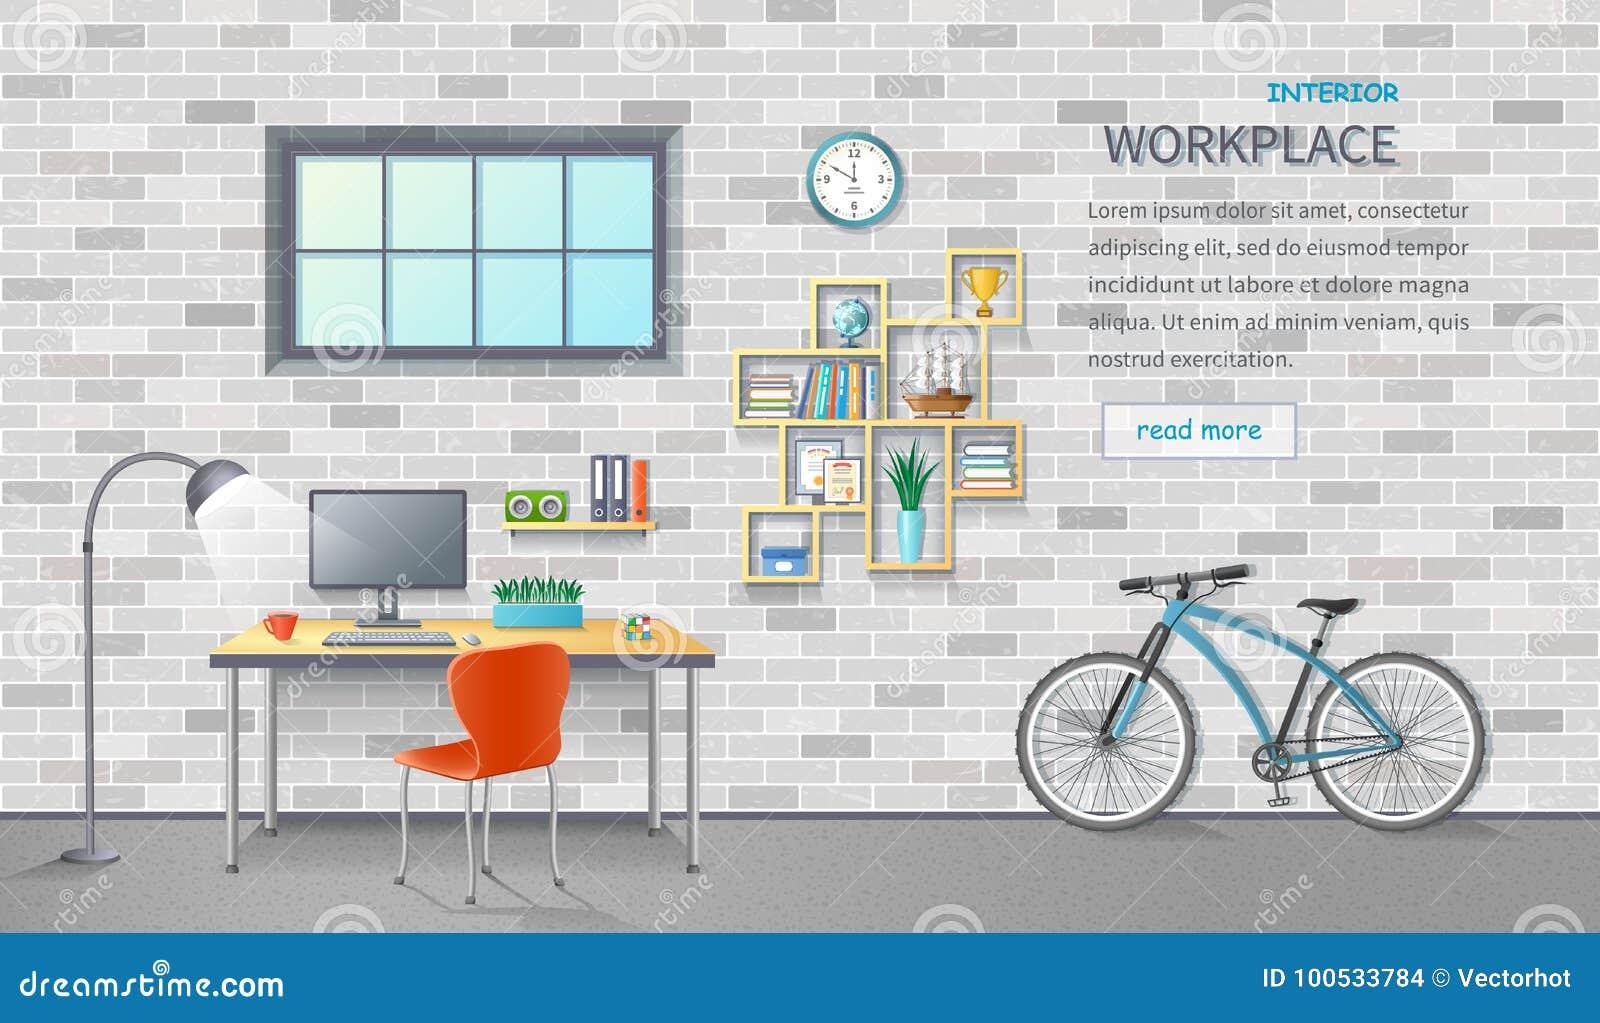 Μοντέρνος και σύγχρονος εργασιακός χώρος γραφείων Εσωτερικό δωματίων με το γραφείο, καρέκλα, όργανο ελέγχου, ποδήλατο στενό πλάνο